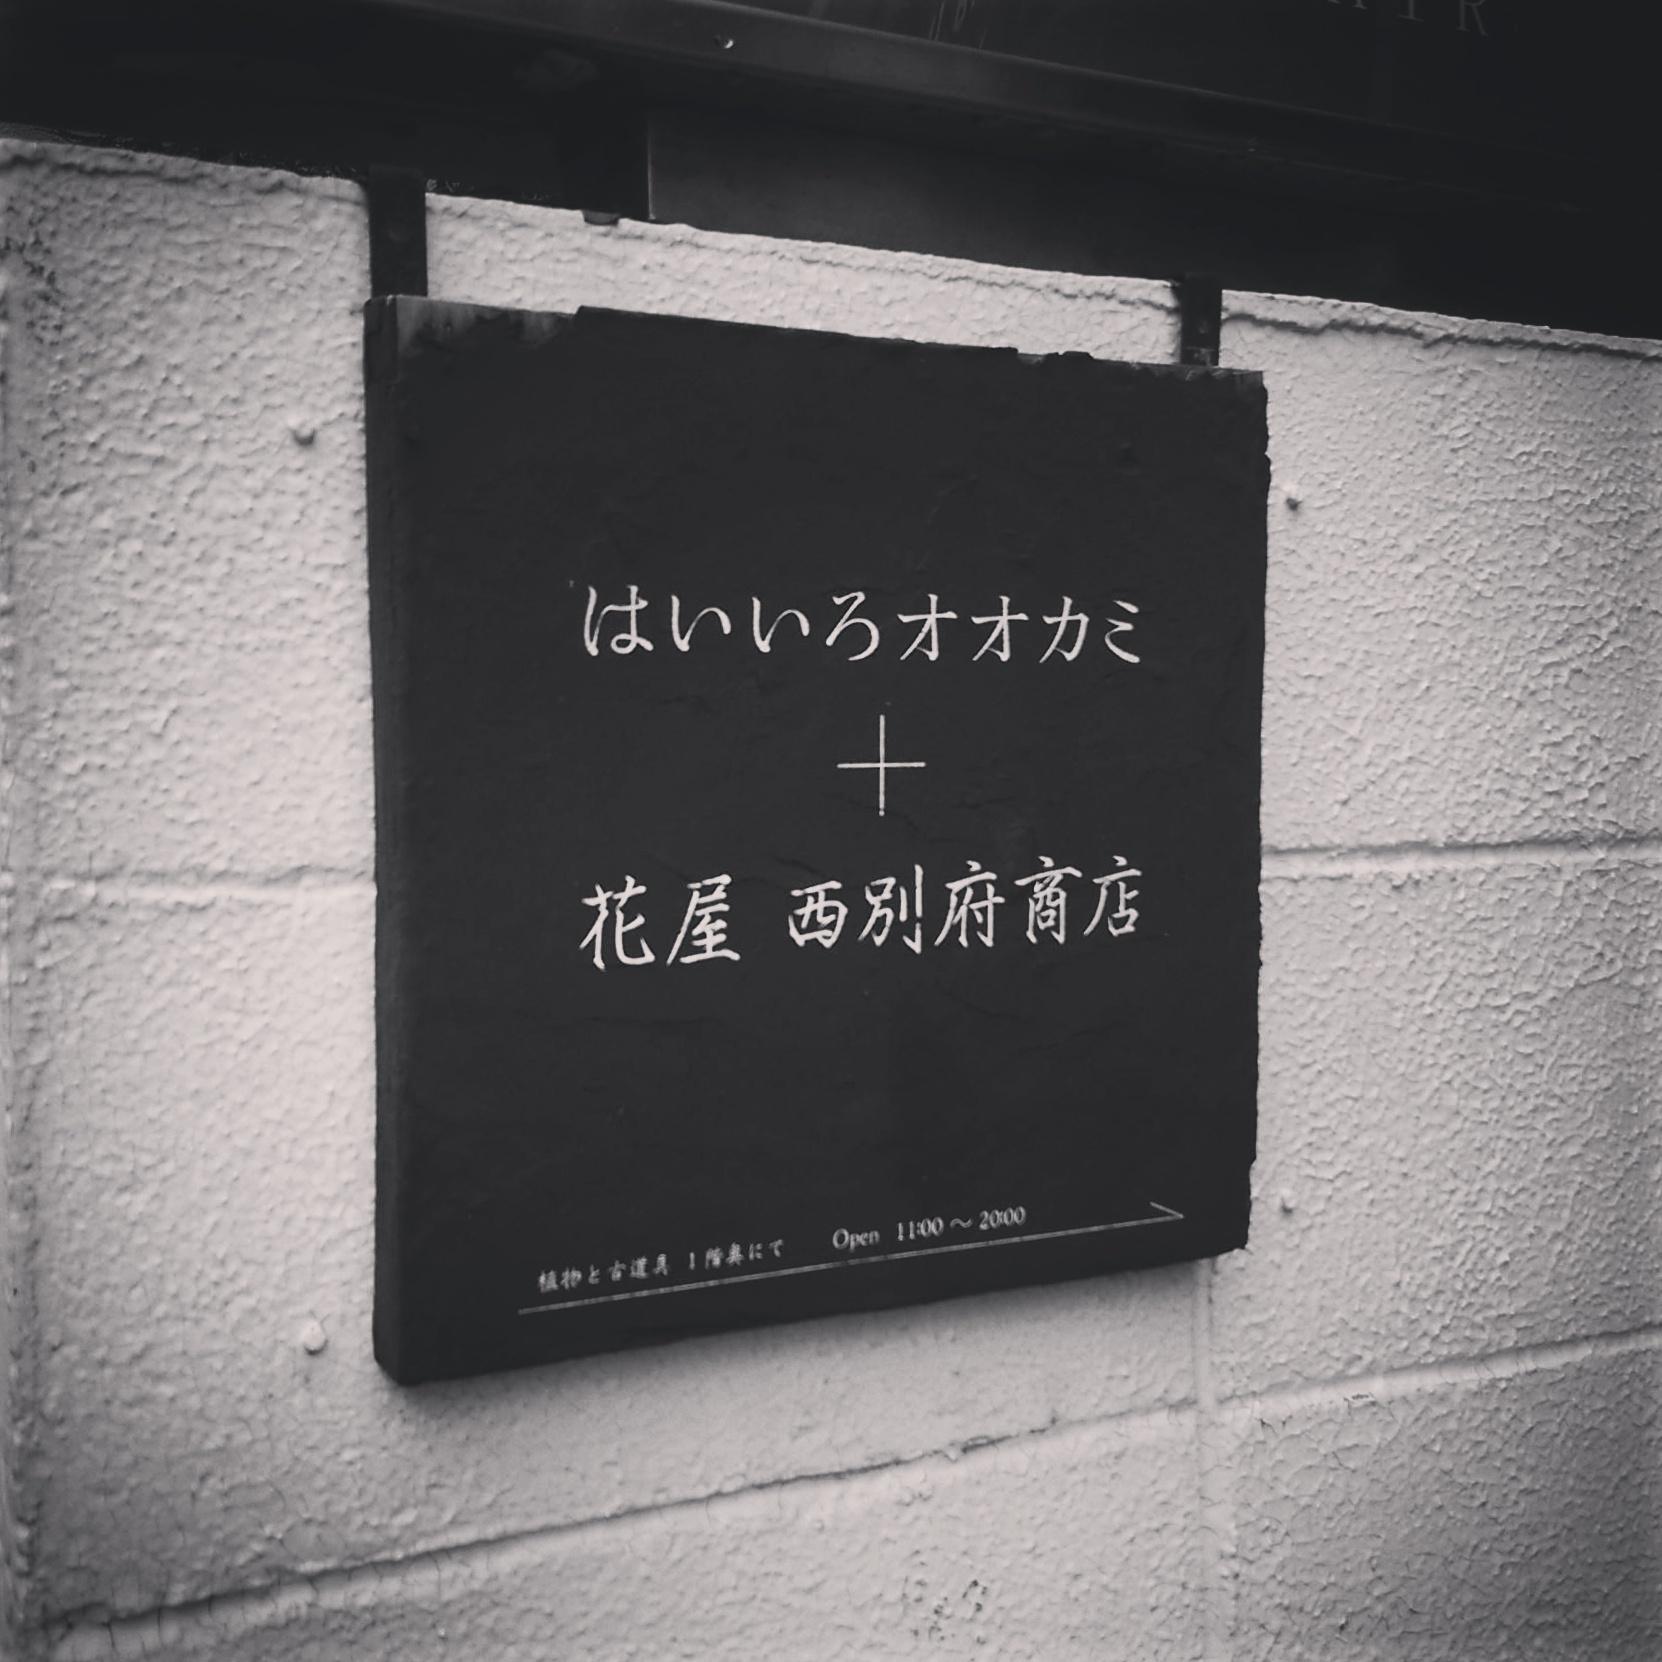 20171231_5.jpg